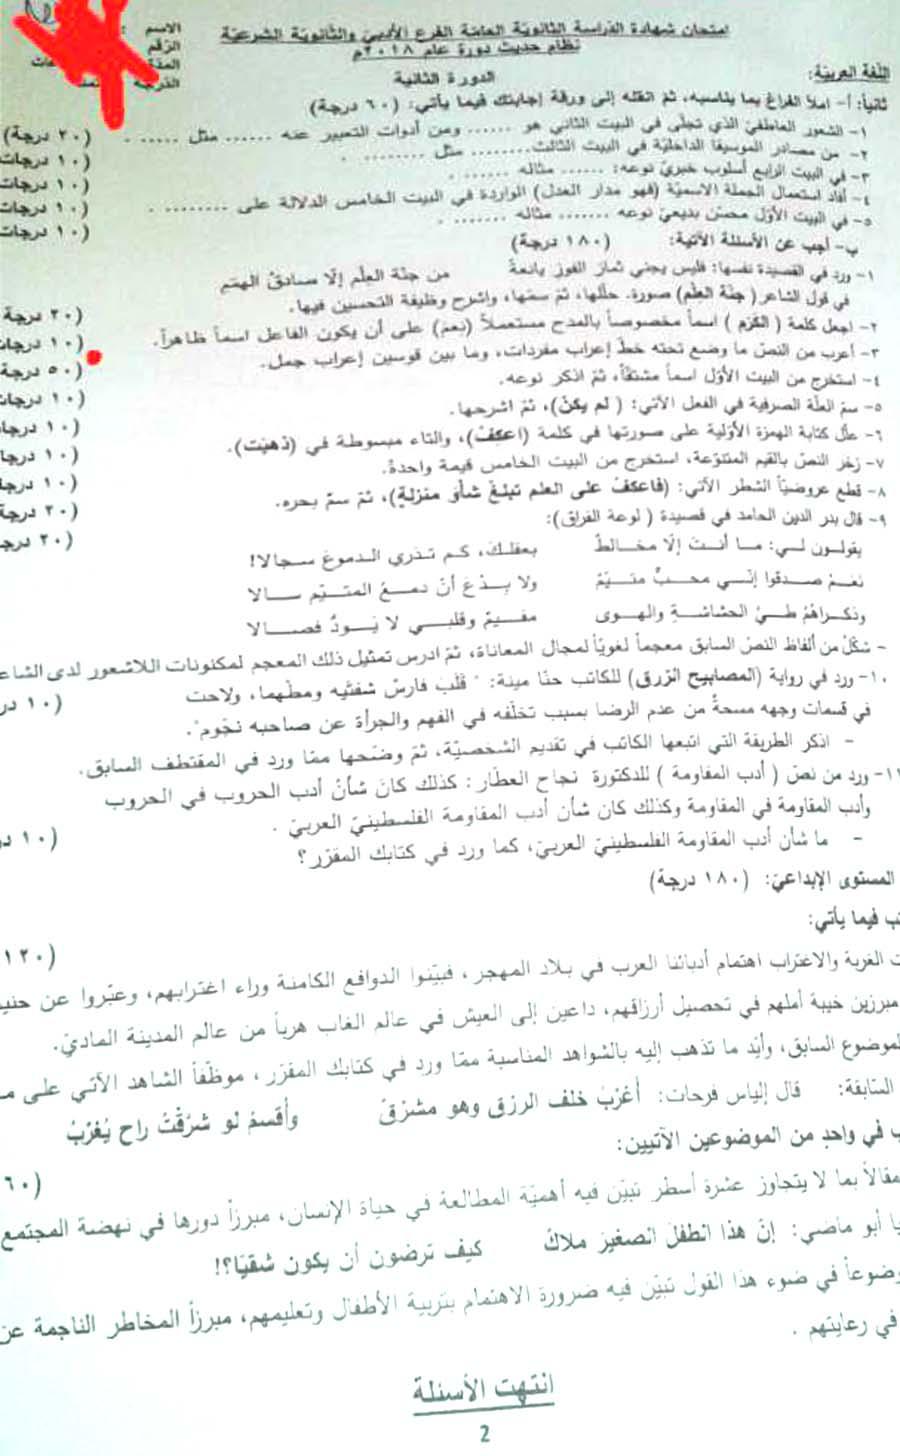 بكالوريا أدبي - ورقة اسئلة العربي 2018 الدورة الثانية التكميلية مع الحل